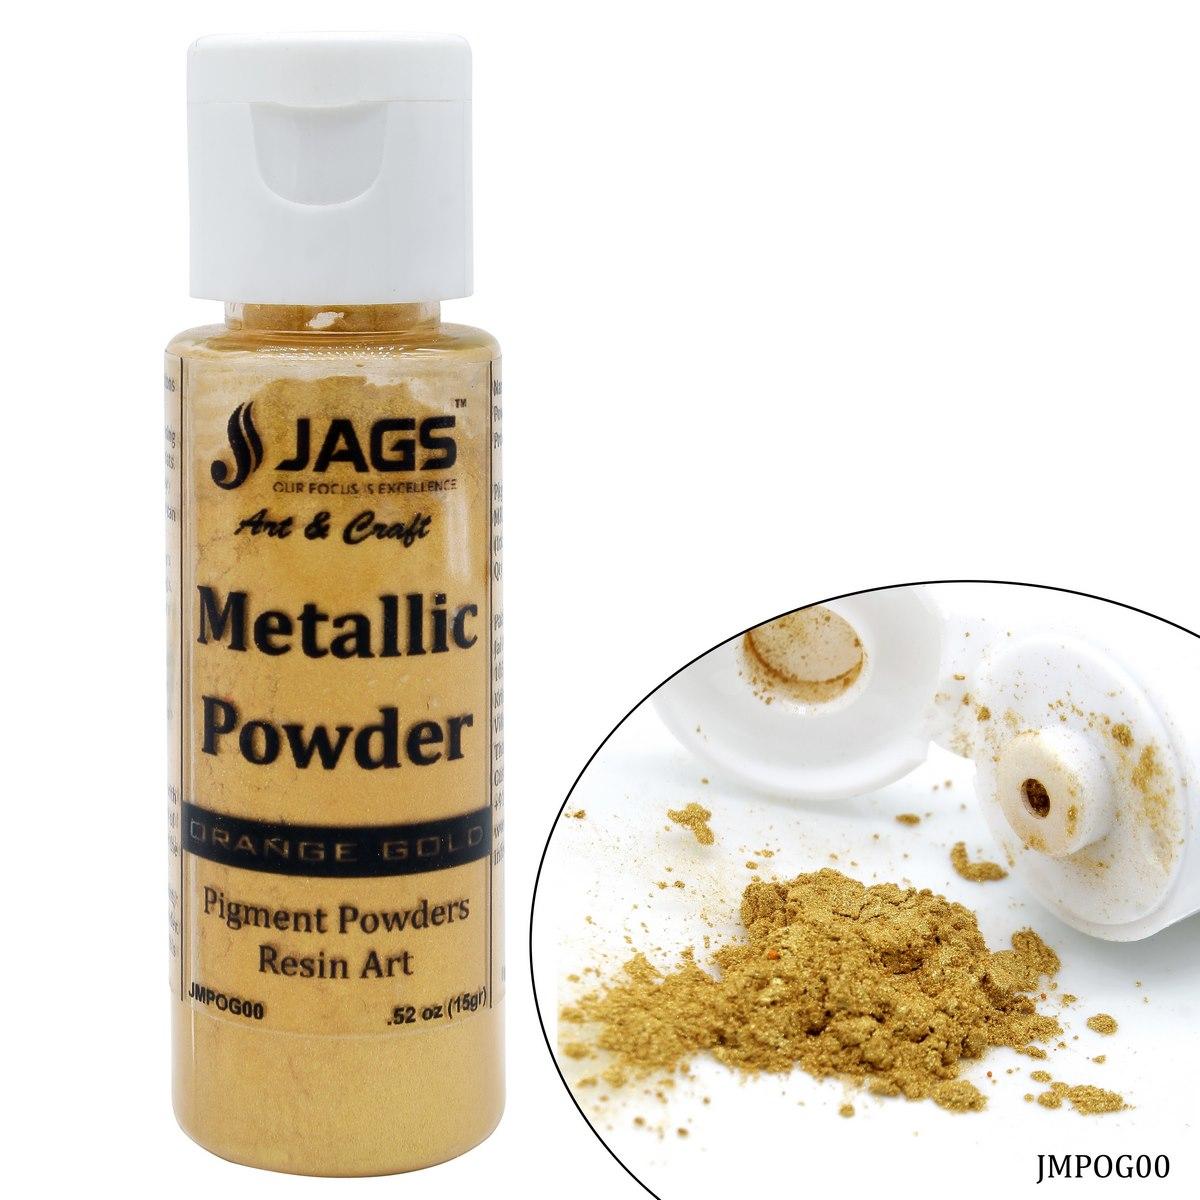 Jags Metallic Powder Orange Gold 15Gms JMPOG00